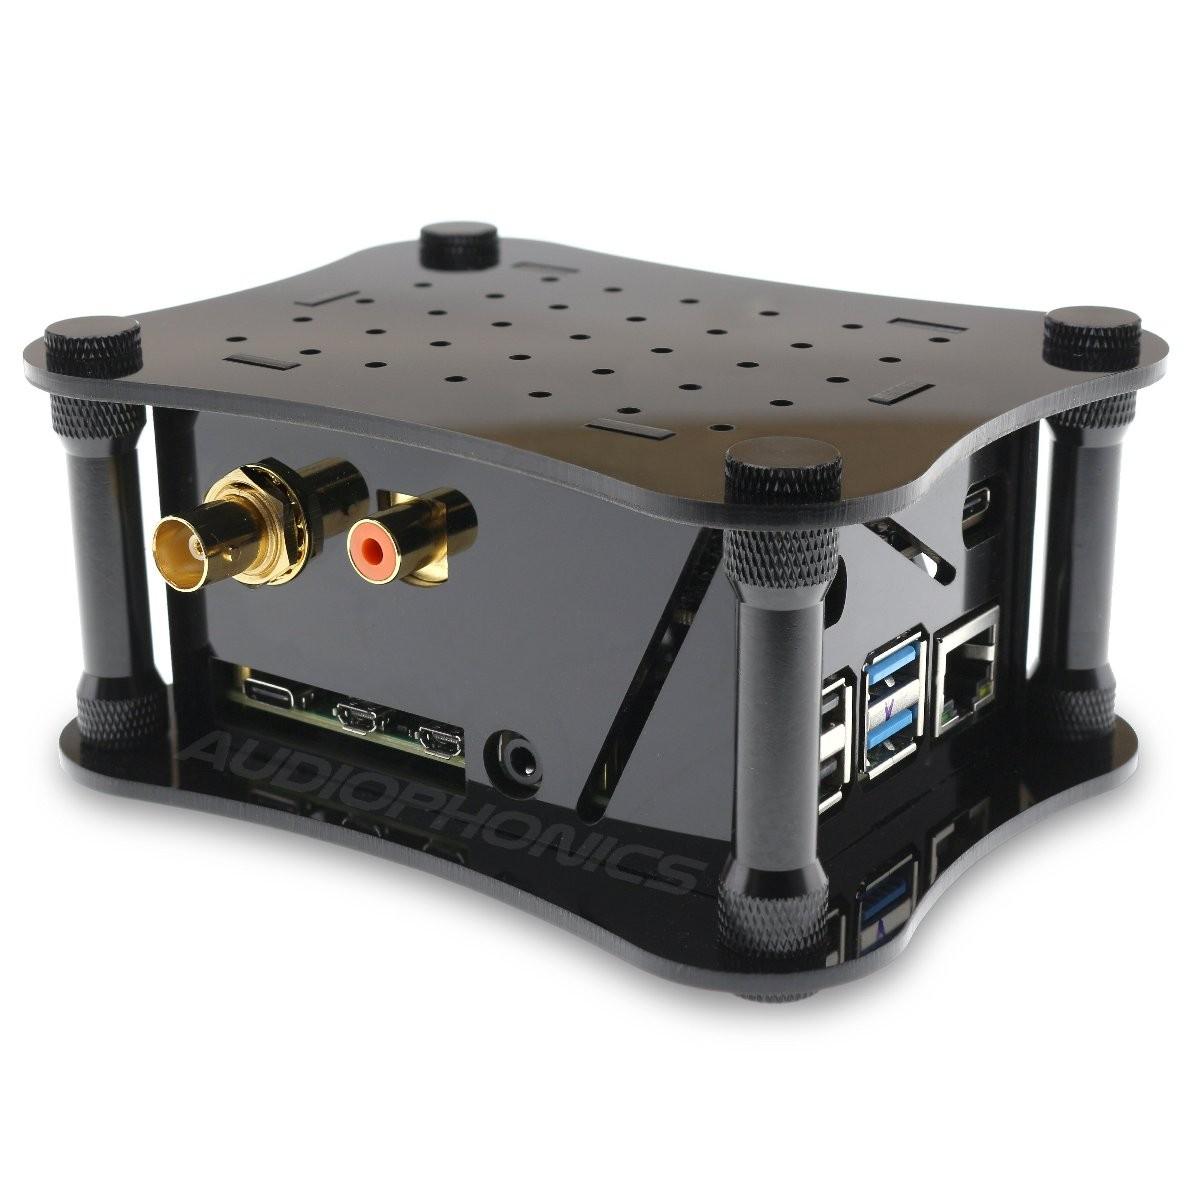 ALLO DIGIONE SIGNATURE Lecteur réseau Raspberry Pi 4 DigiOne Signature Volumio pré-installé Noir